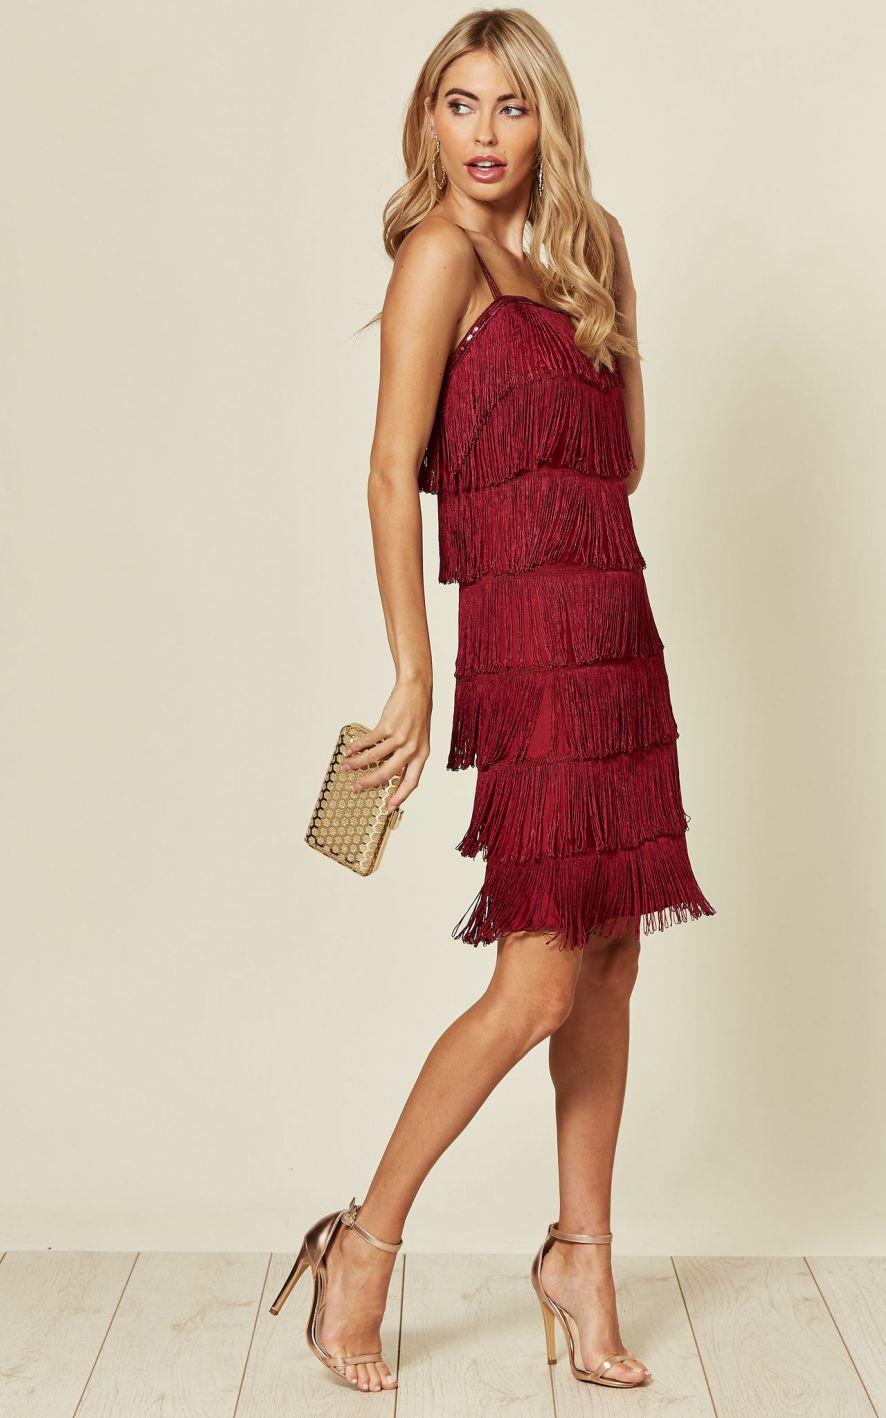 Model wears flapper style fringed mini dress in wine red